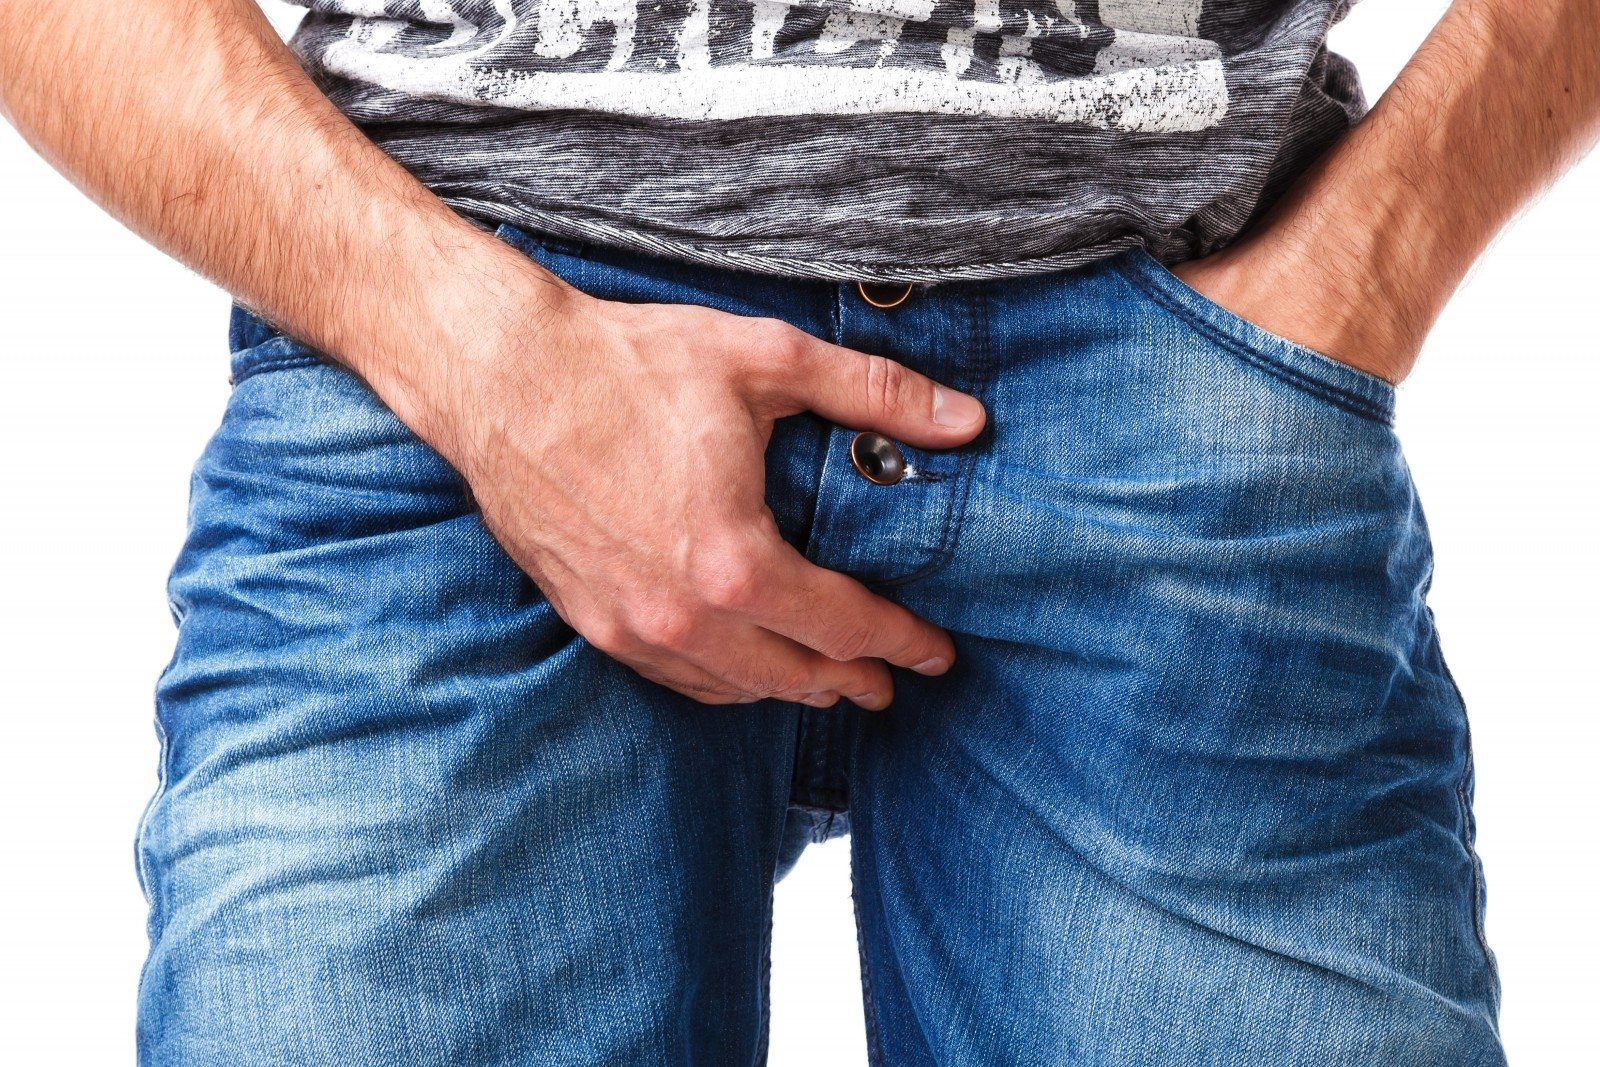 erekcijos metu, kiek padidėja varpa normali rytinė erekcija